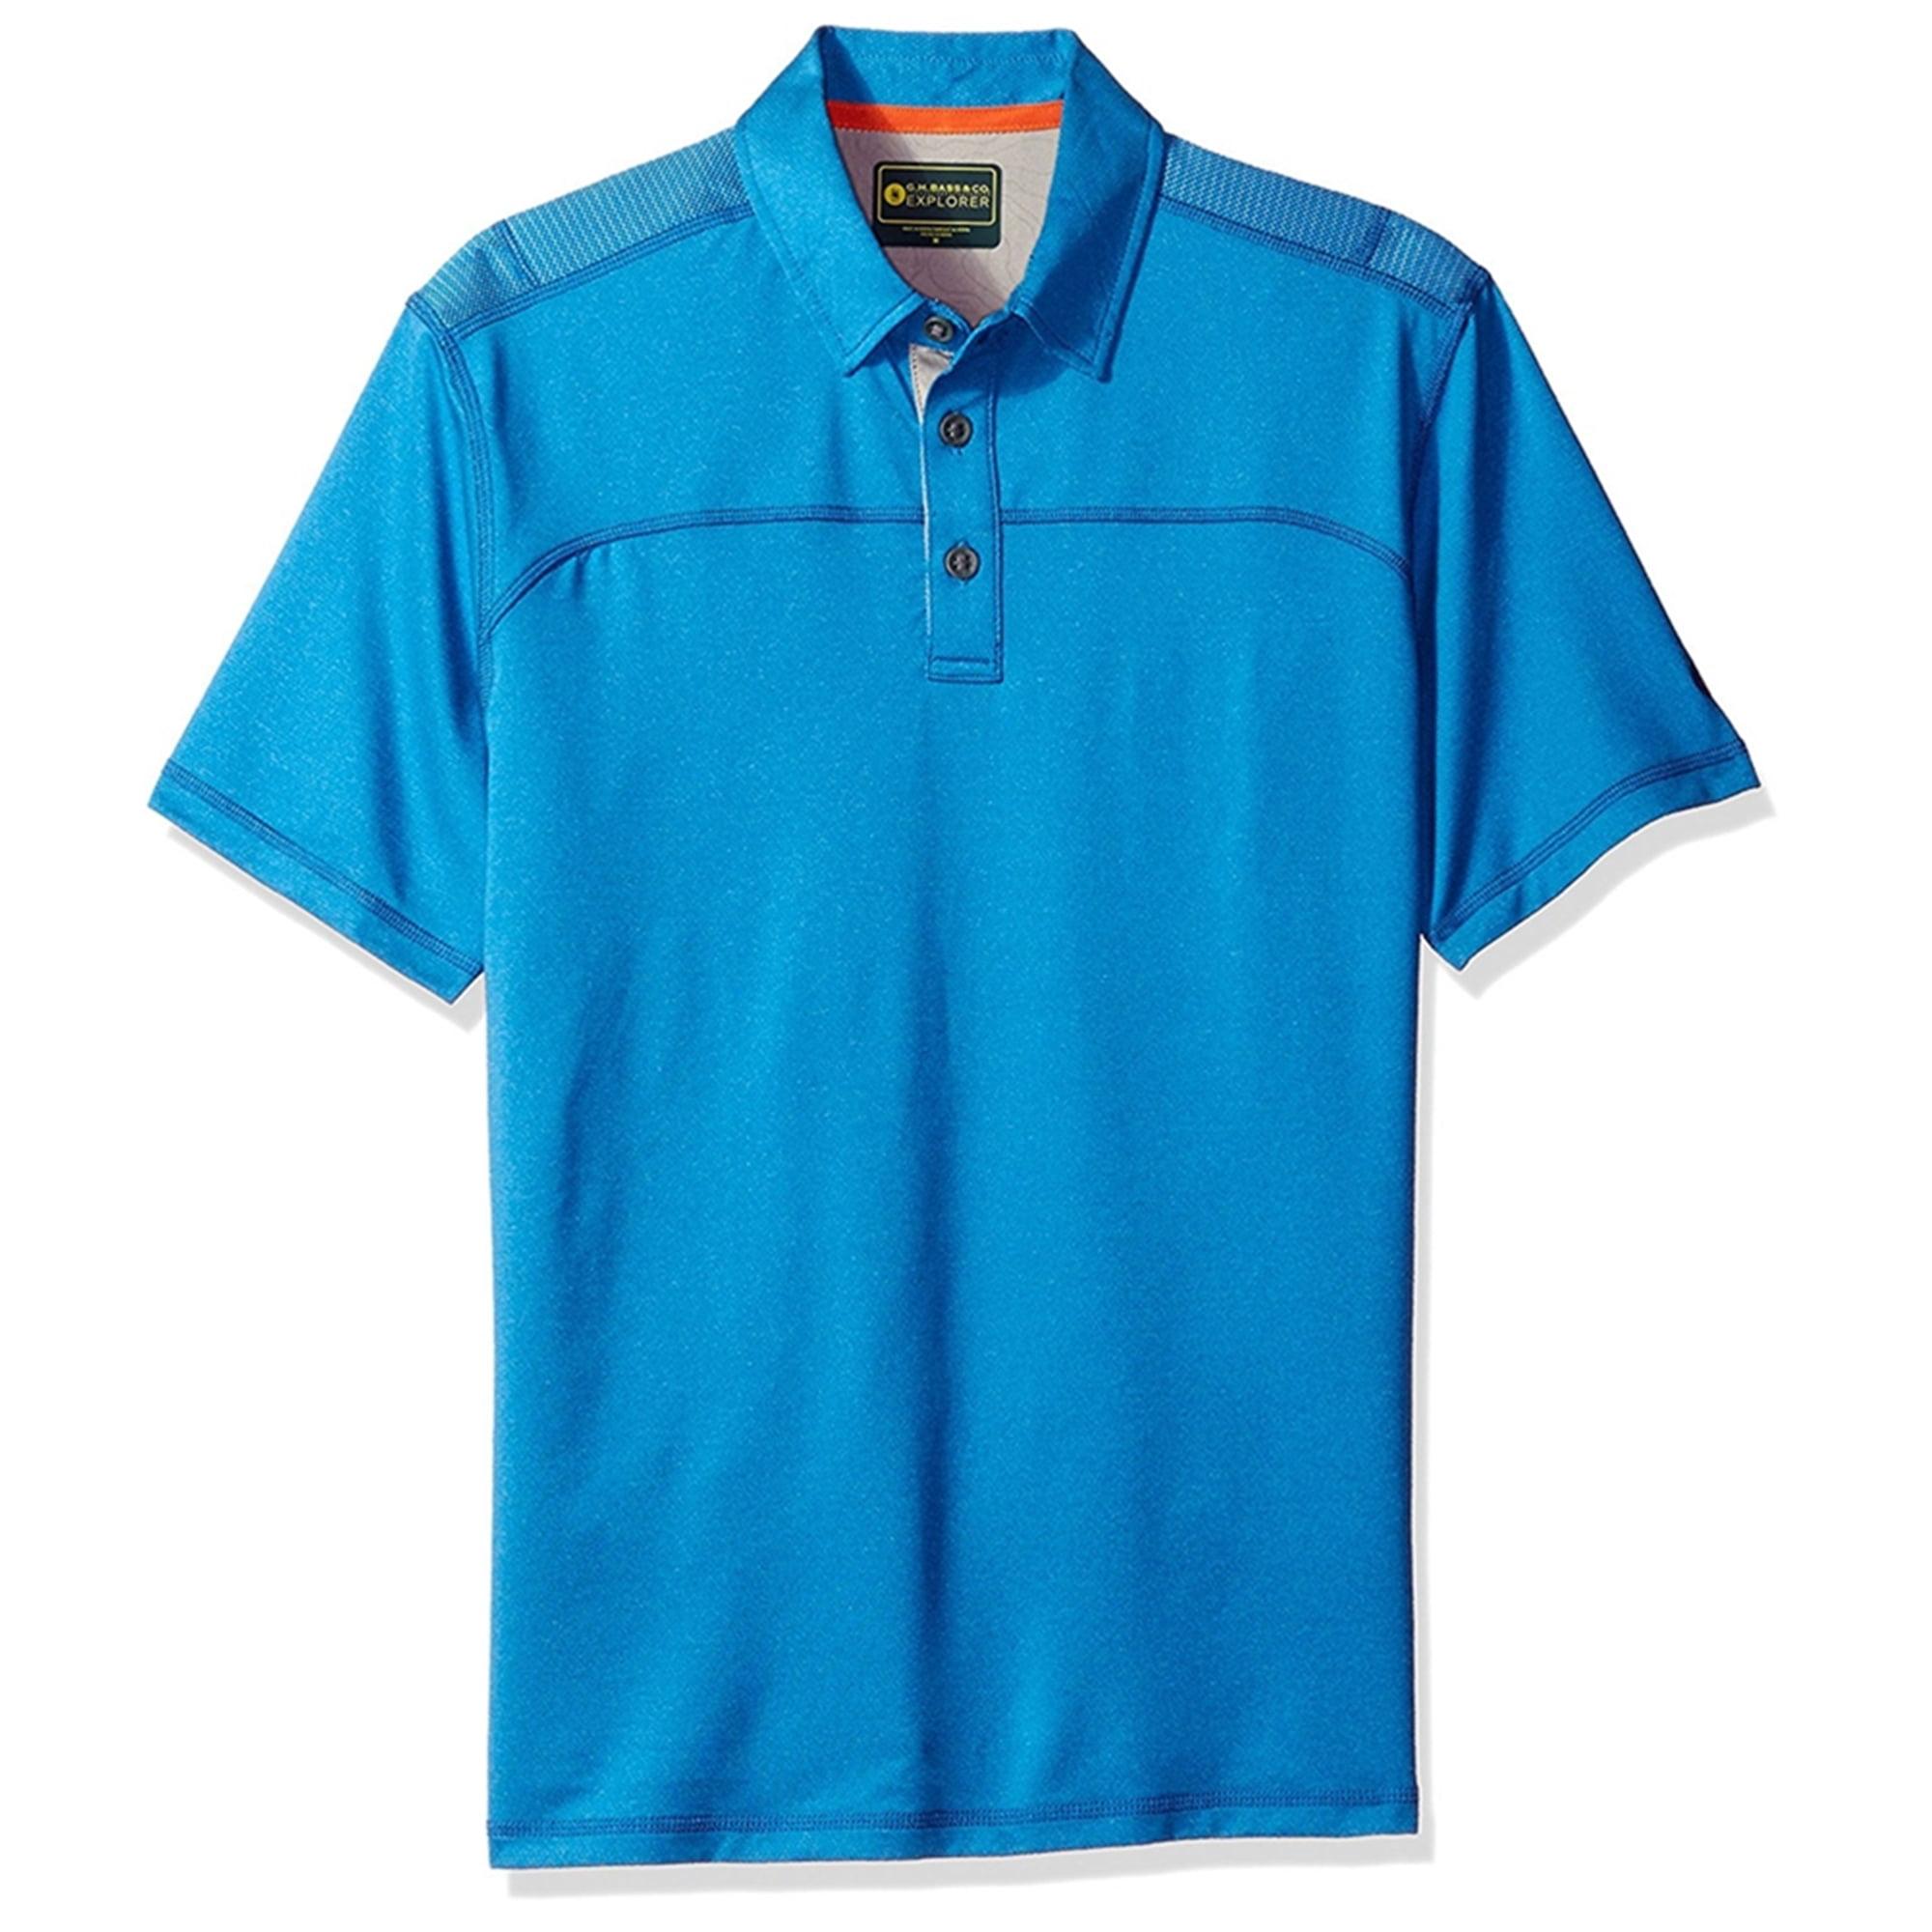 Bass /& Co Splash Mens Button Down Safari Shirt Blue 2XL G.H